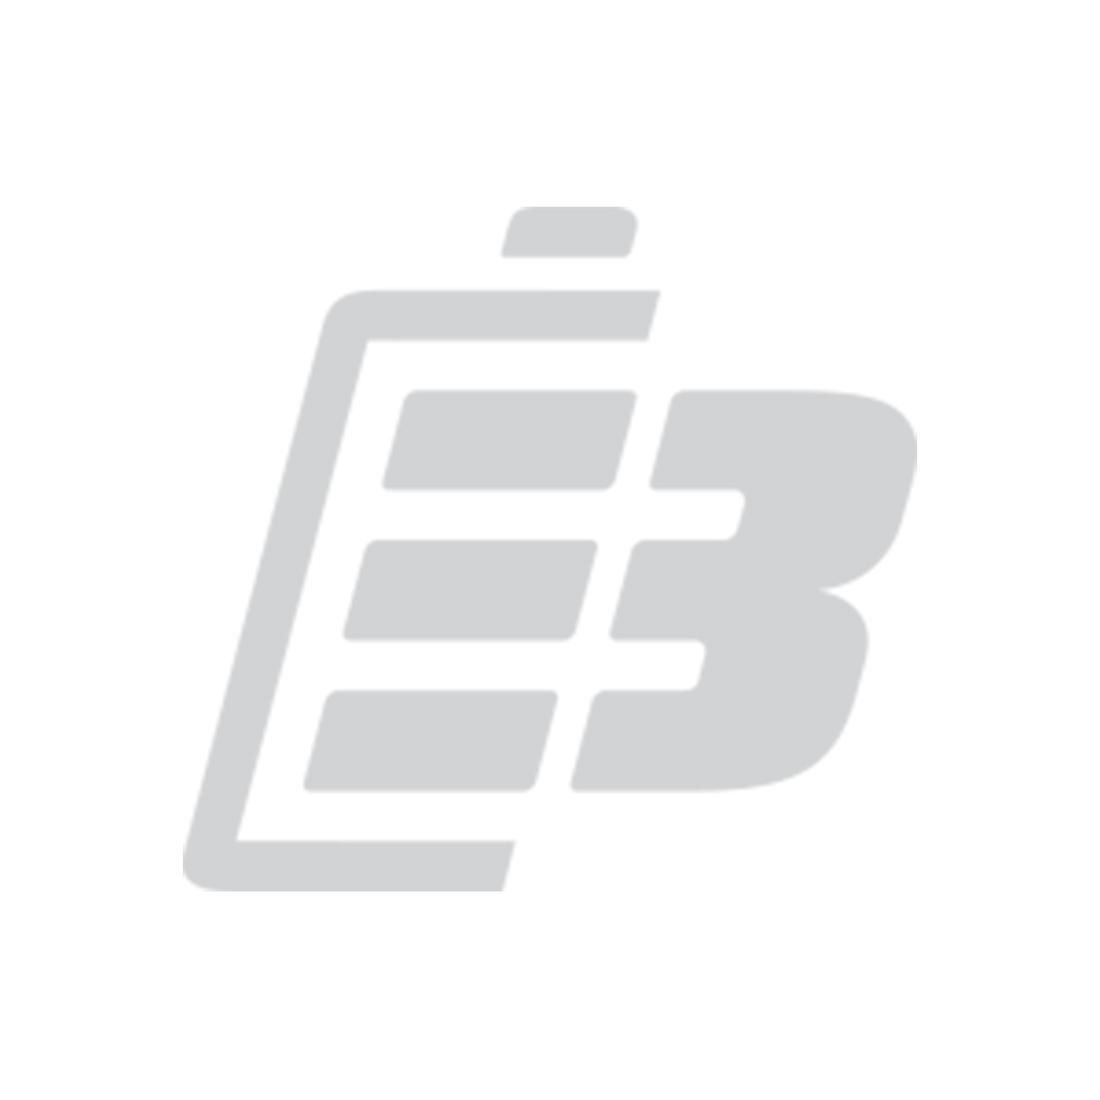 Power tool battery Bosch 24V 3.0Ah_1